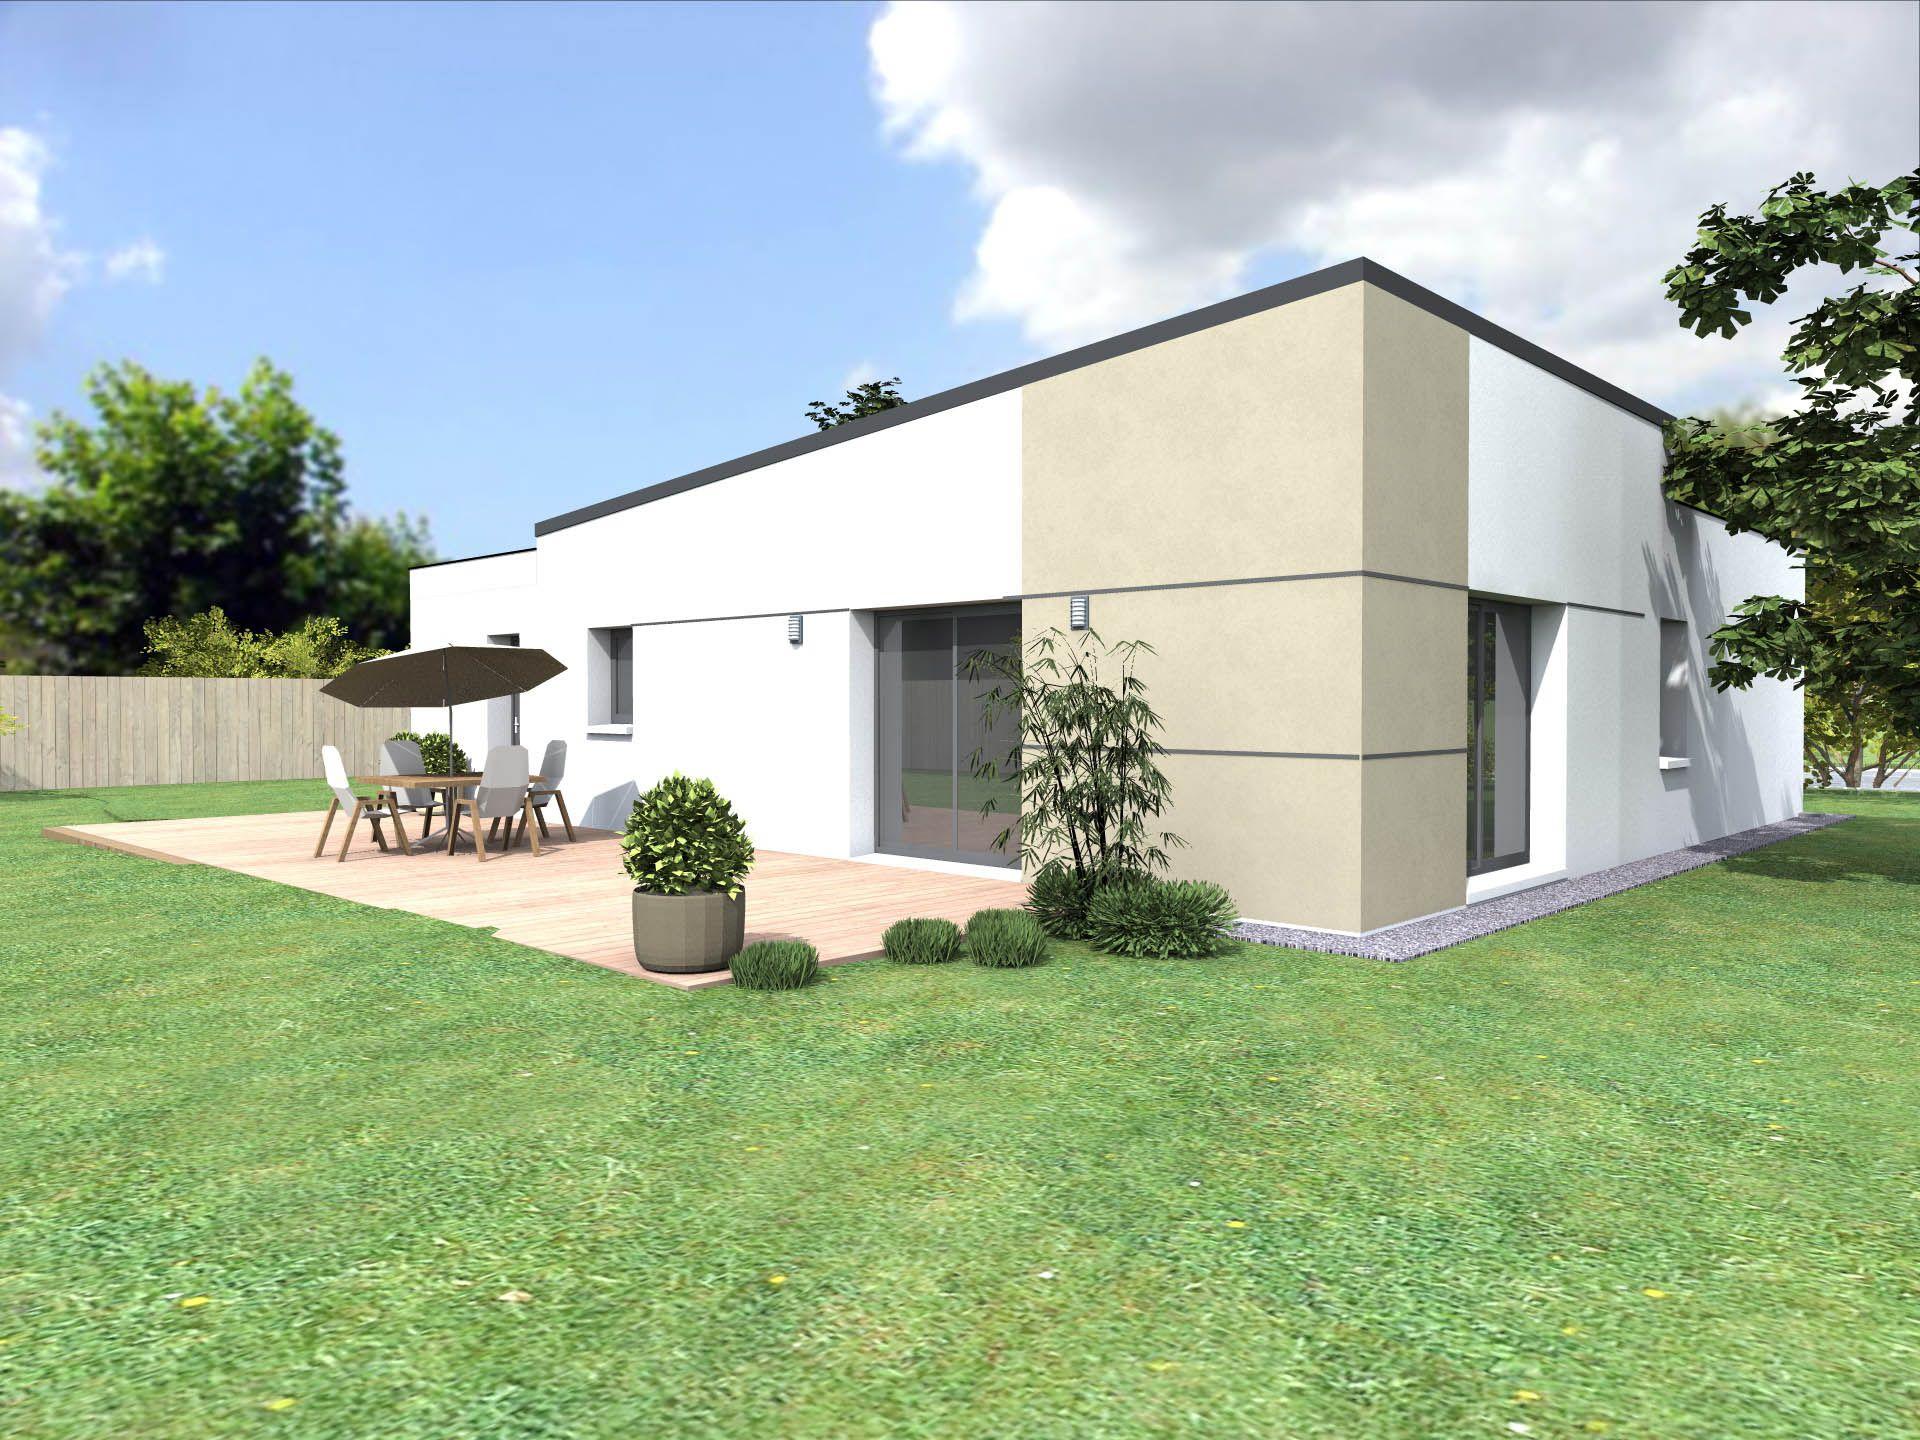 Plan de maison Elena 3 MIXTE personnalisable | Plan maison, Maison, Acheter maison